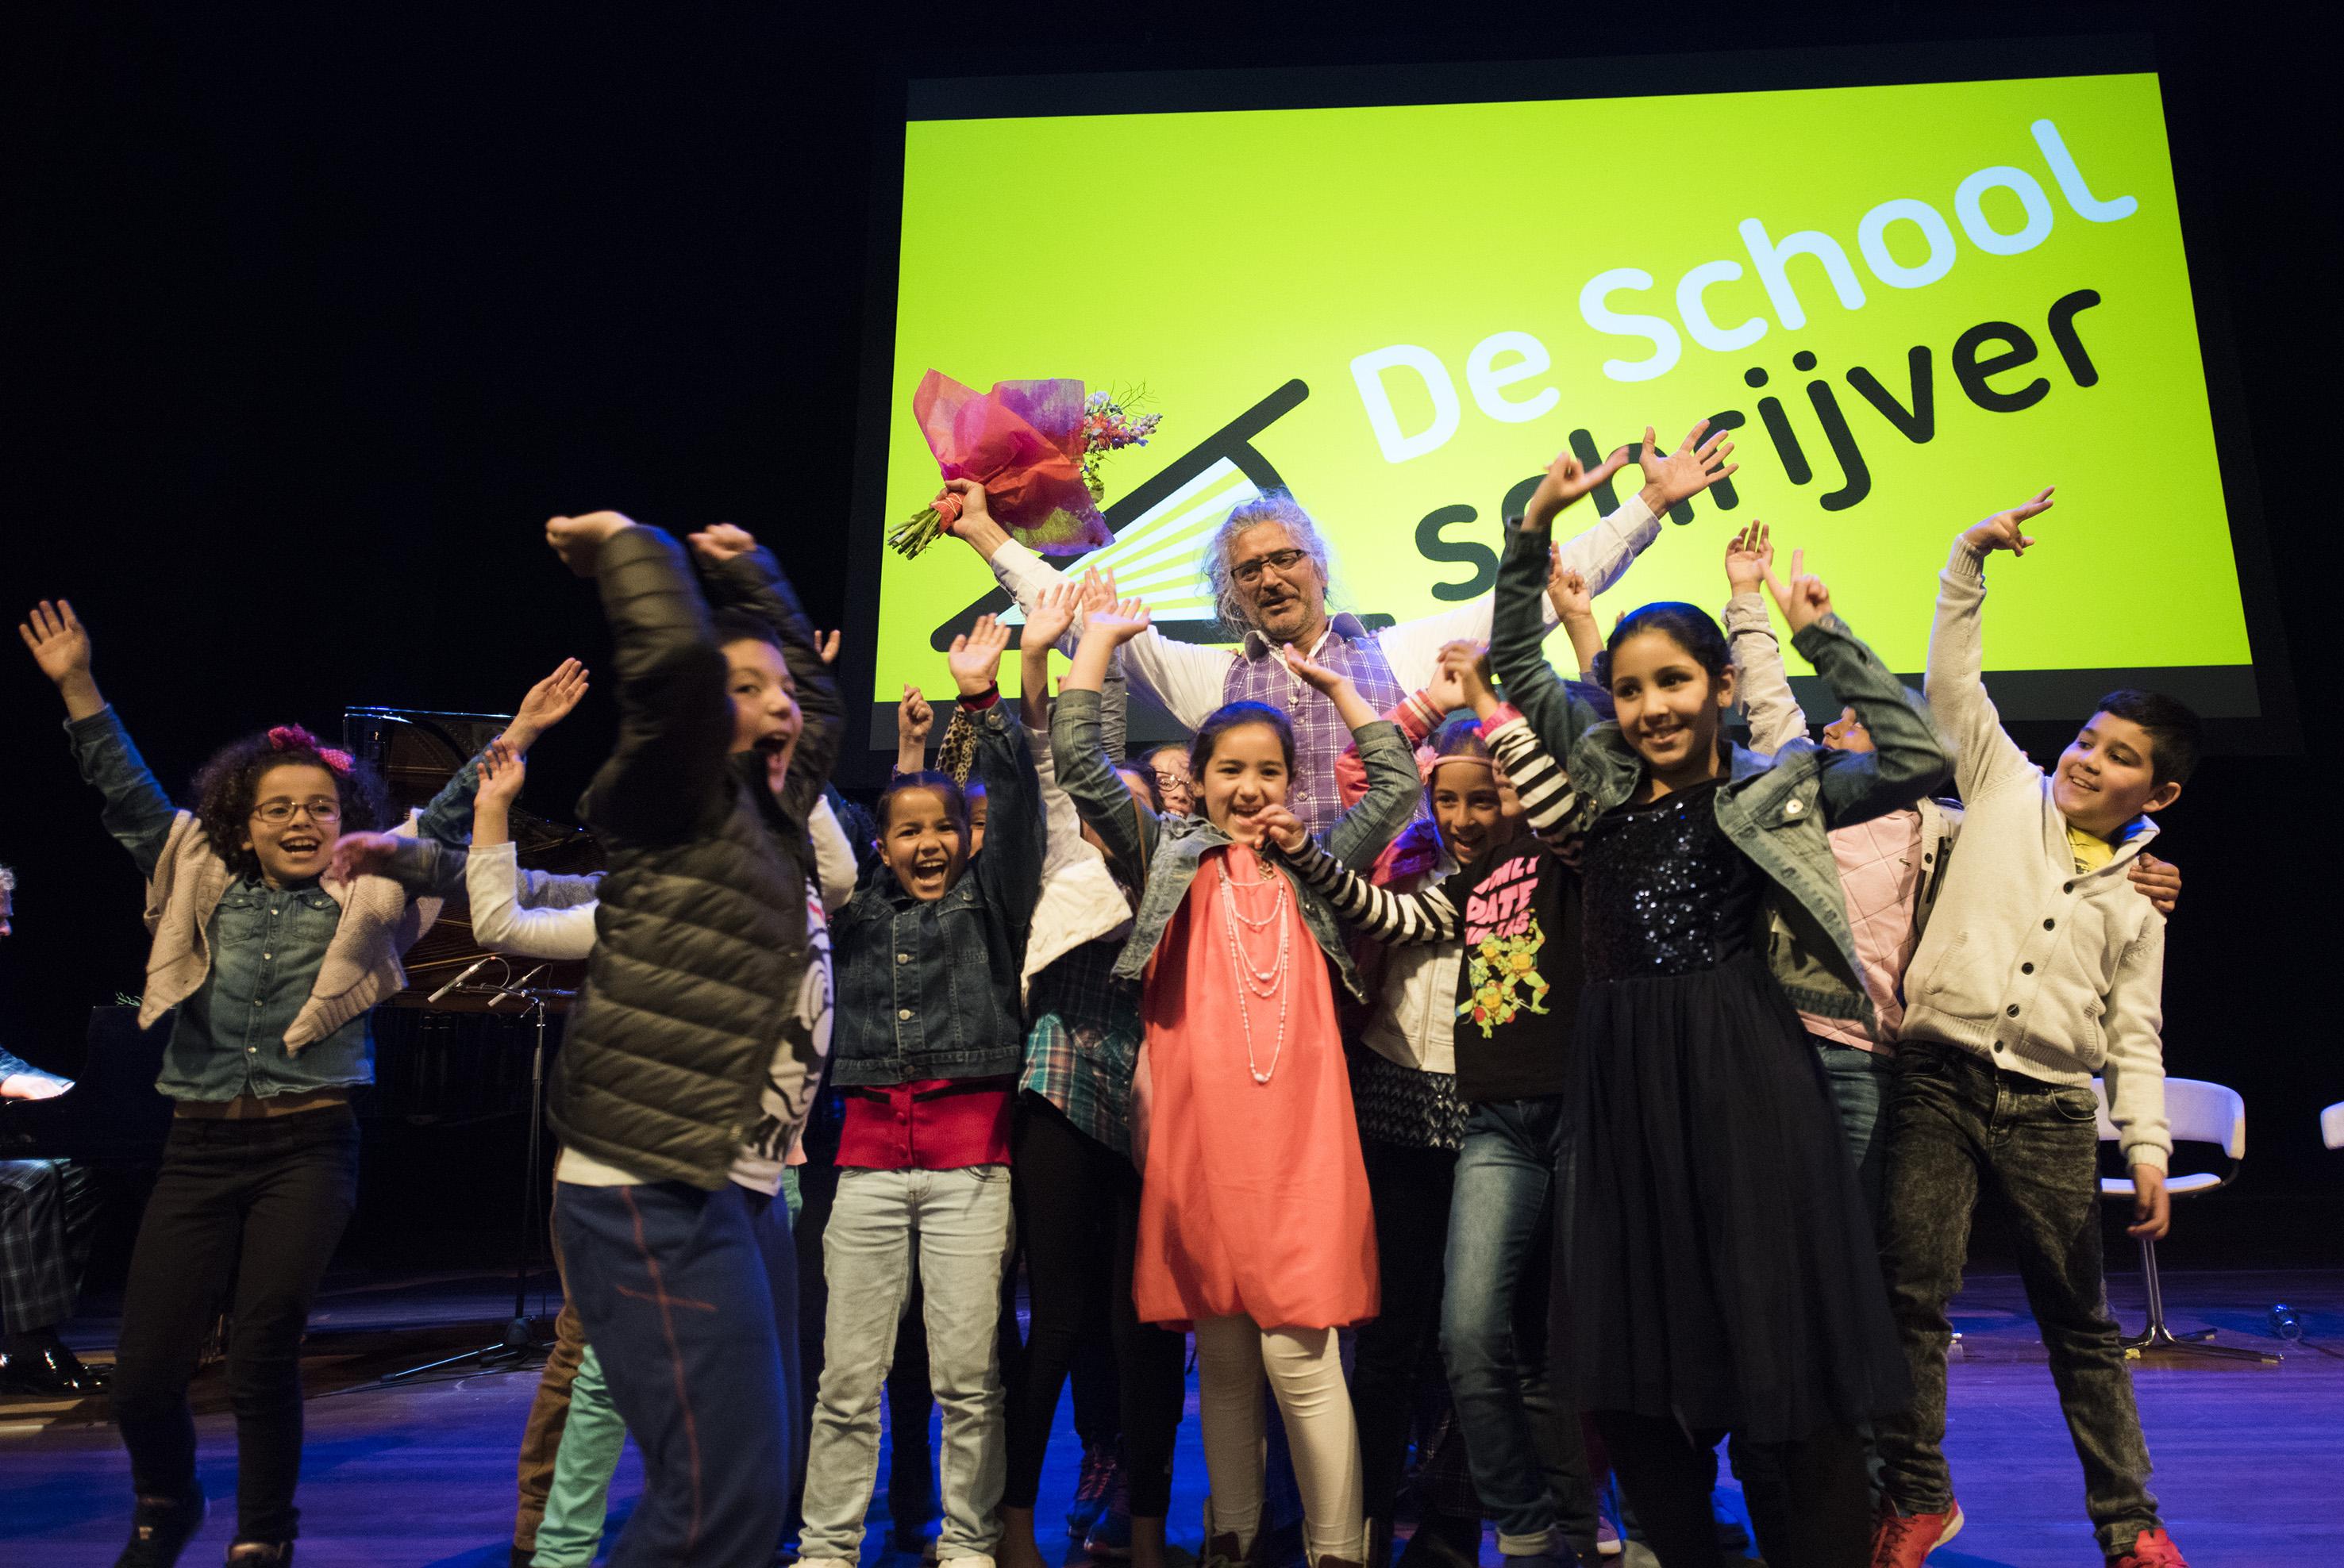 Slot 2015_Podium_Aby Hartog_Aby uitbundig op podium met leerlingen en bloemen©chrisvanhouts